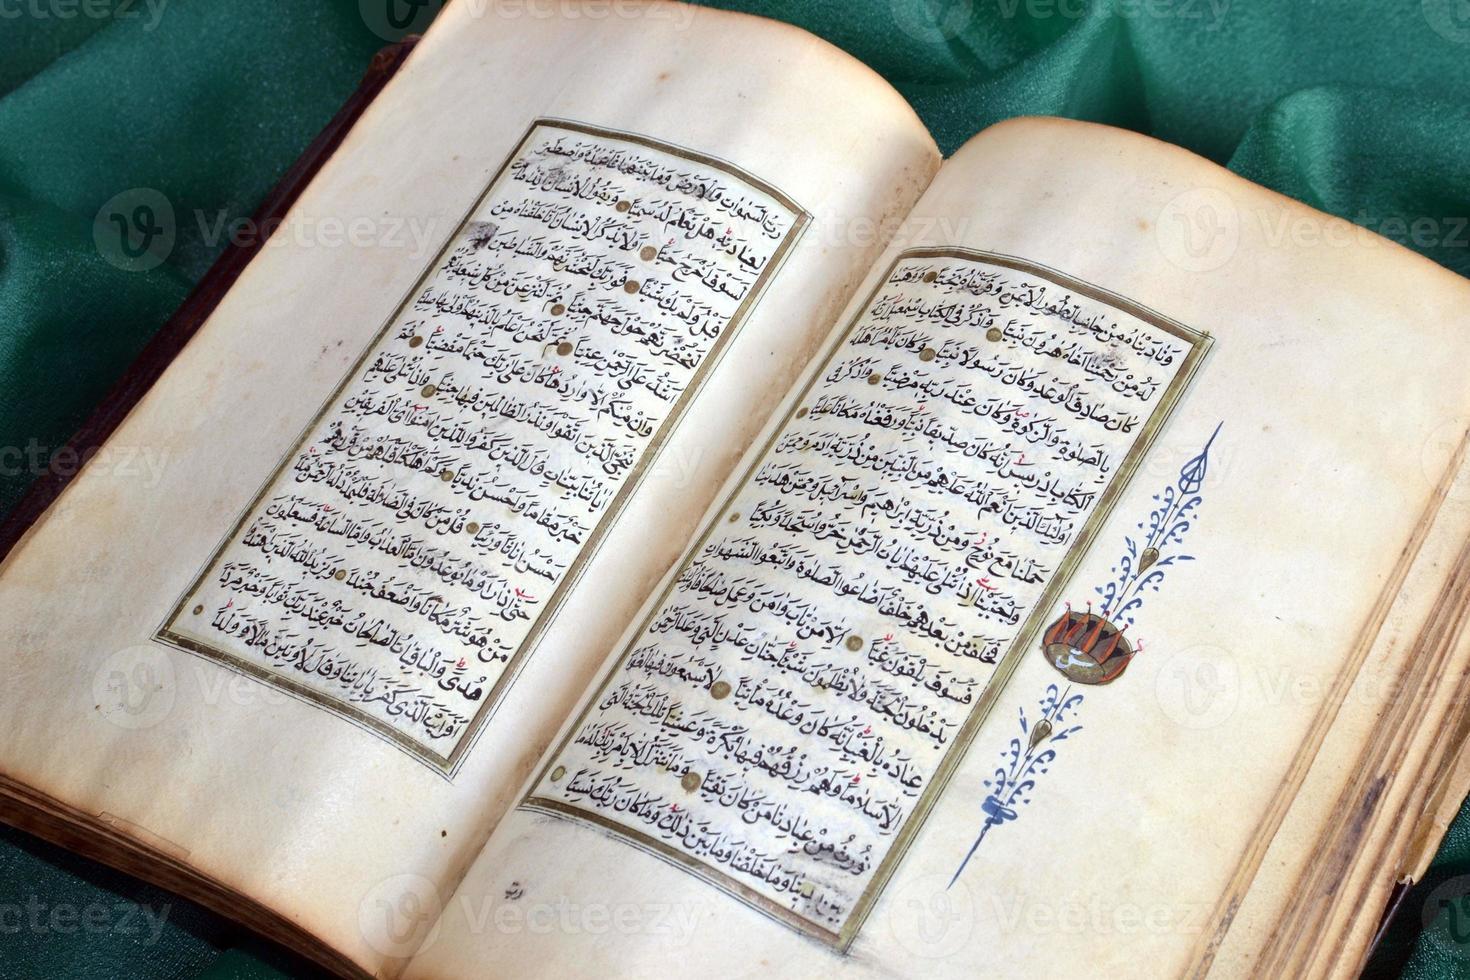 Corano Corano foto